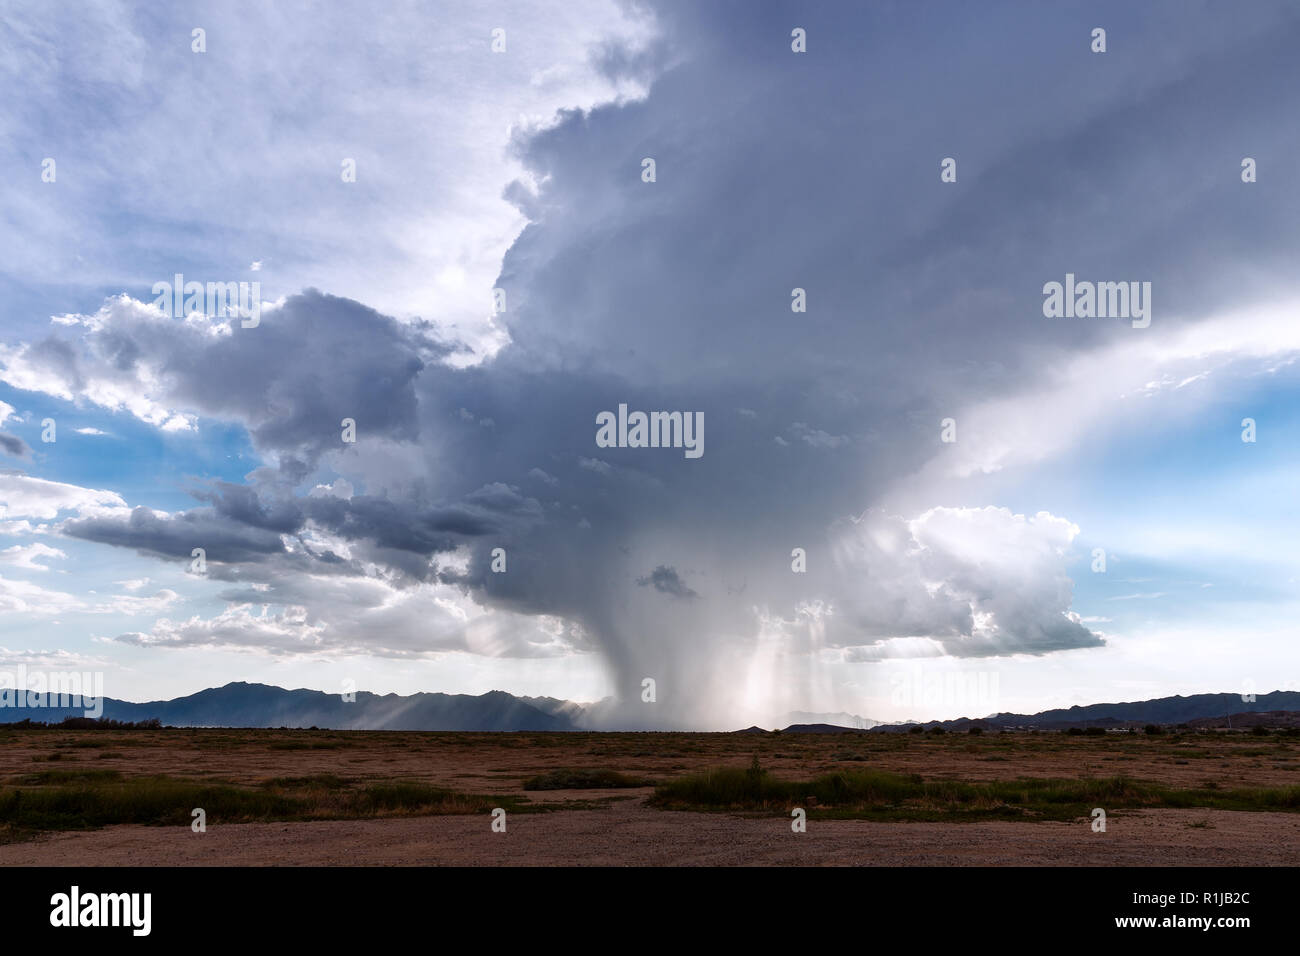 Rain falling from a cumulonimbus thunderstorm cloud - Stock Image